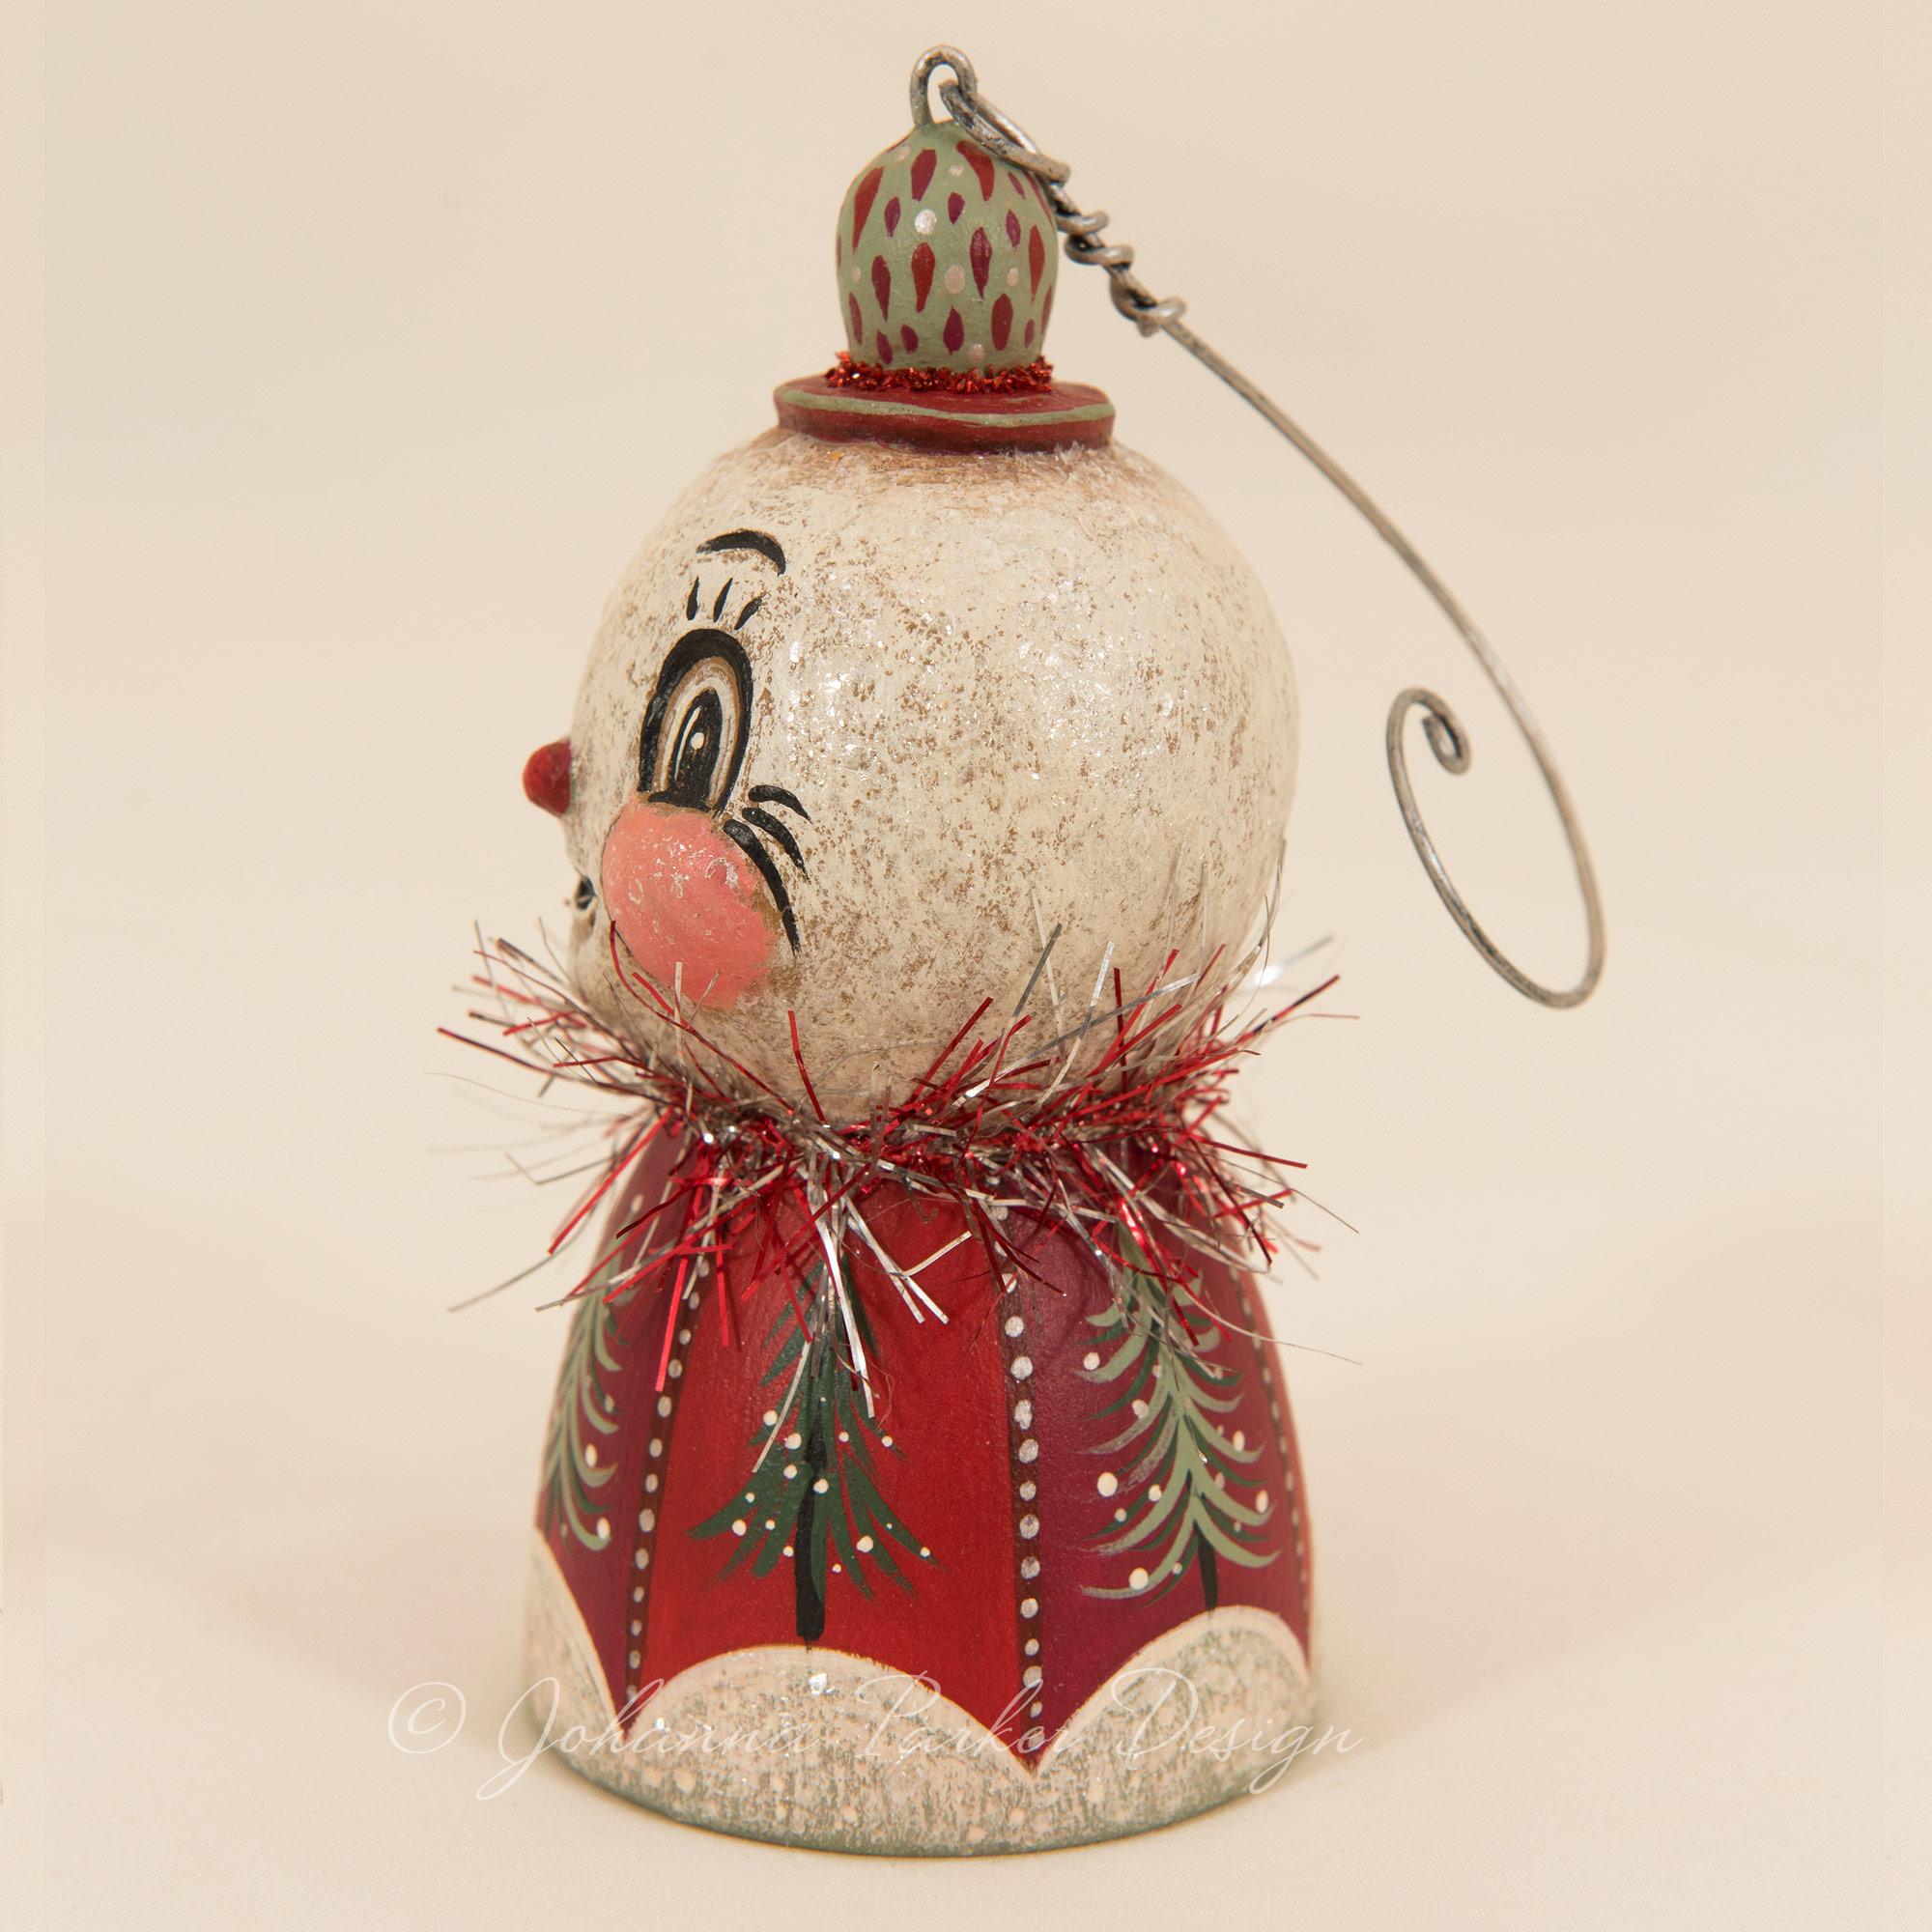 Johanna-Parker-Woodland-Snowman-Bell-Ornament-5.jpg